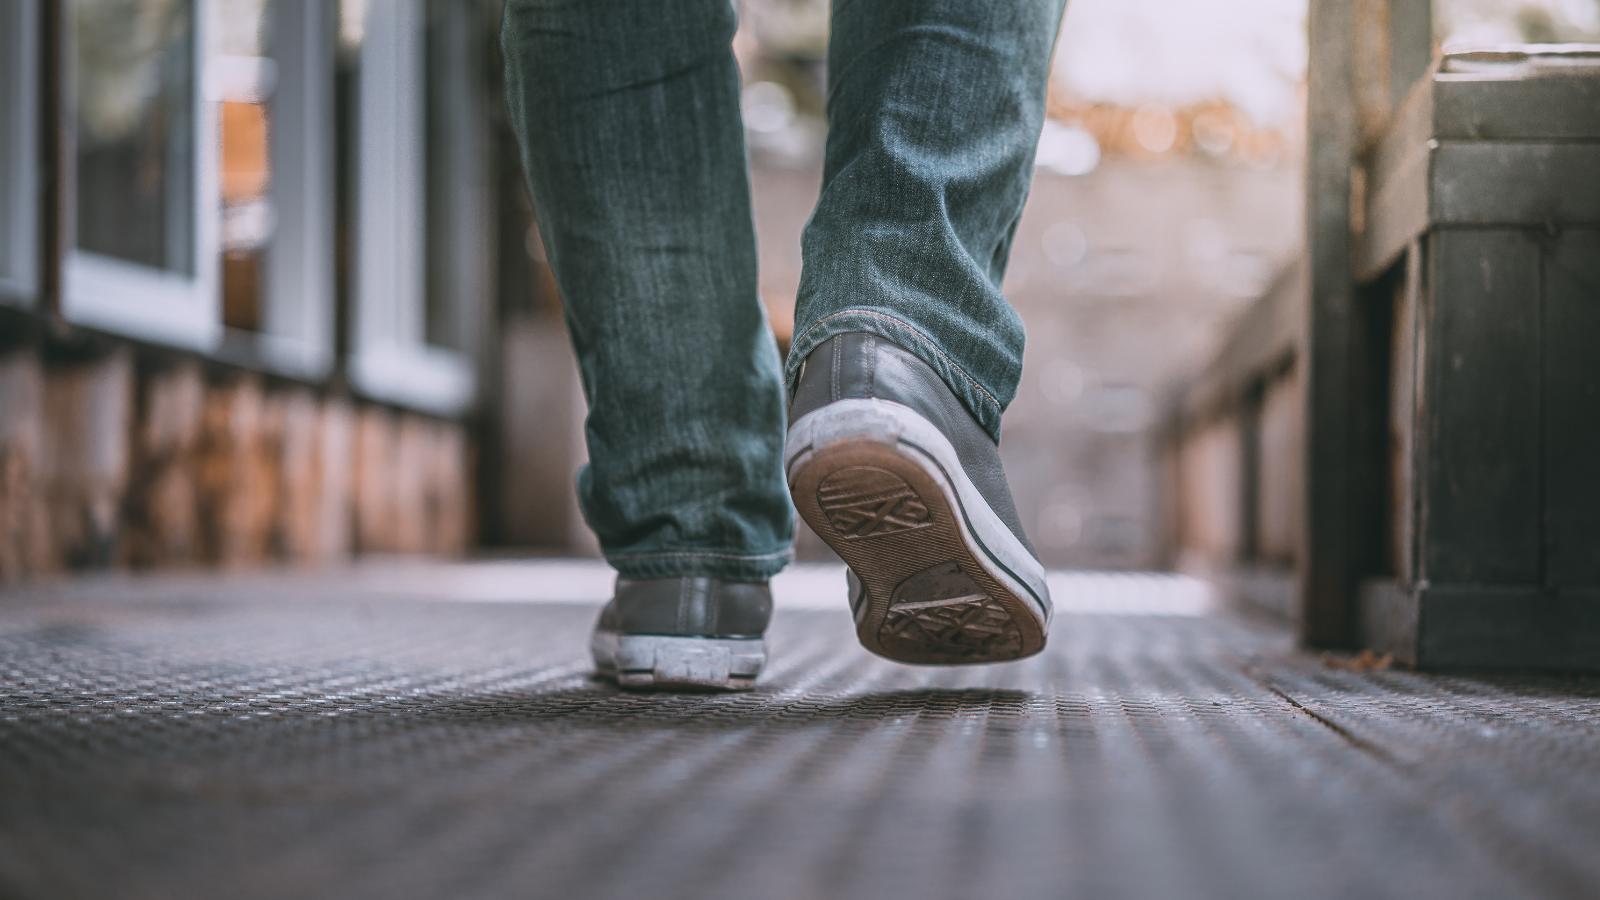 Image of feet walking